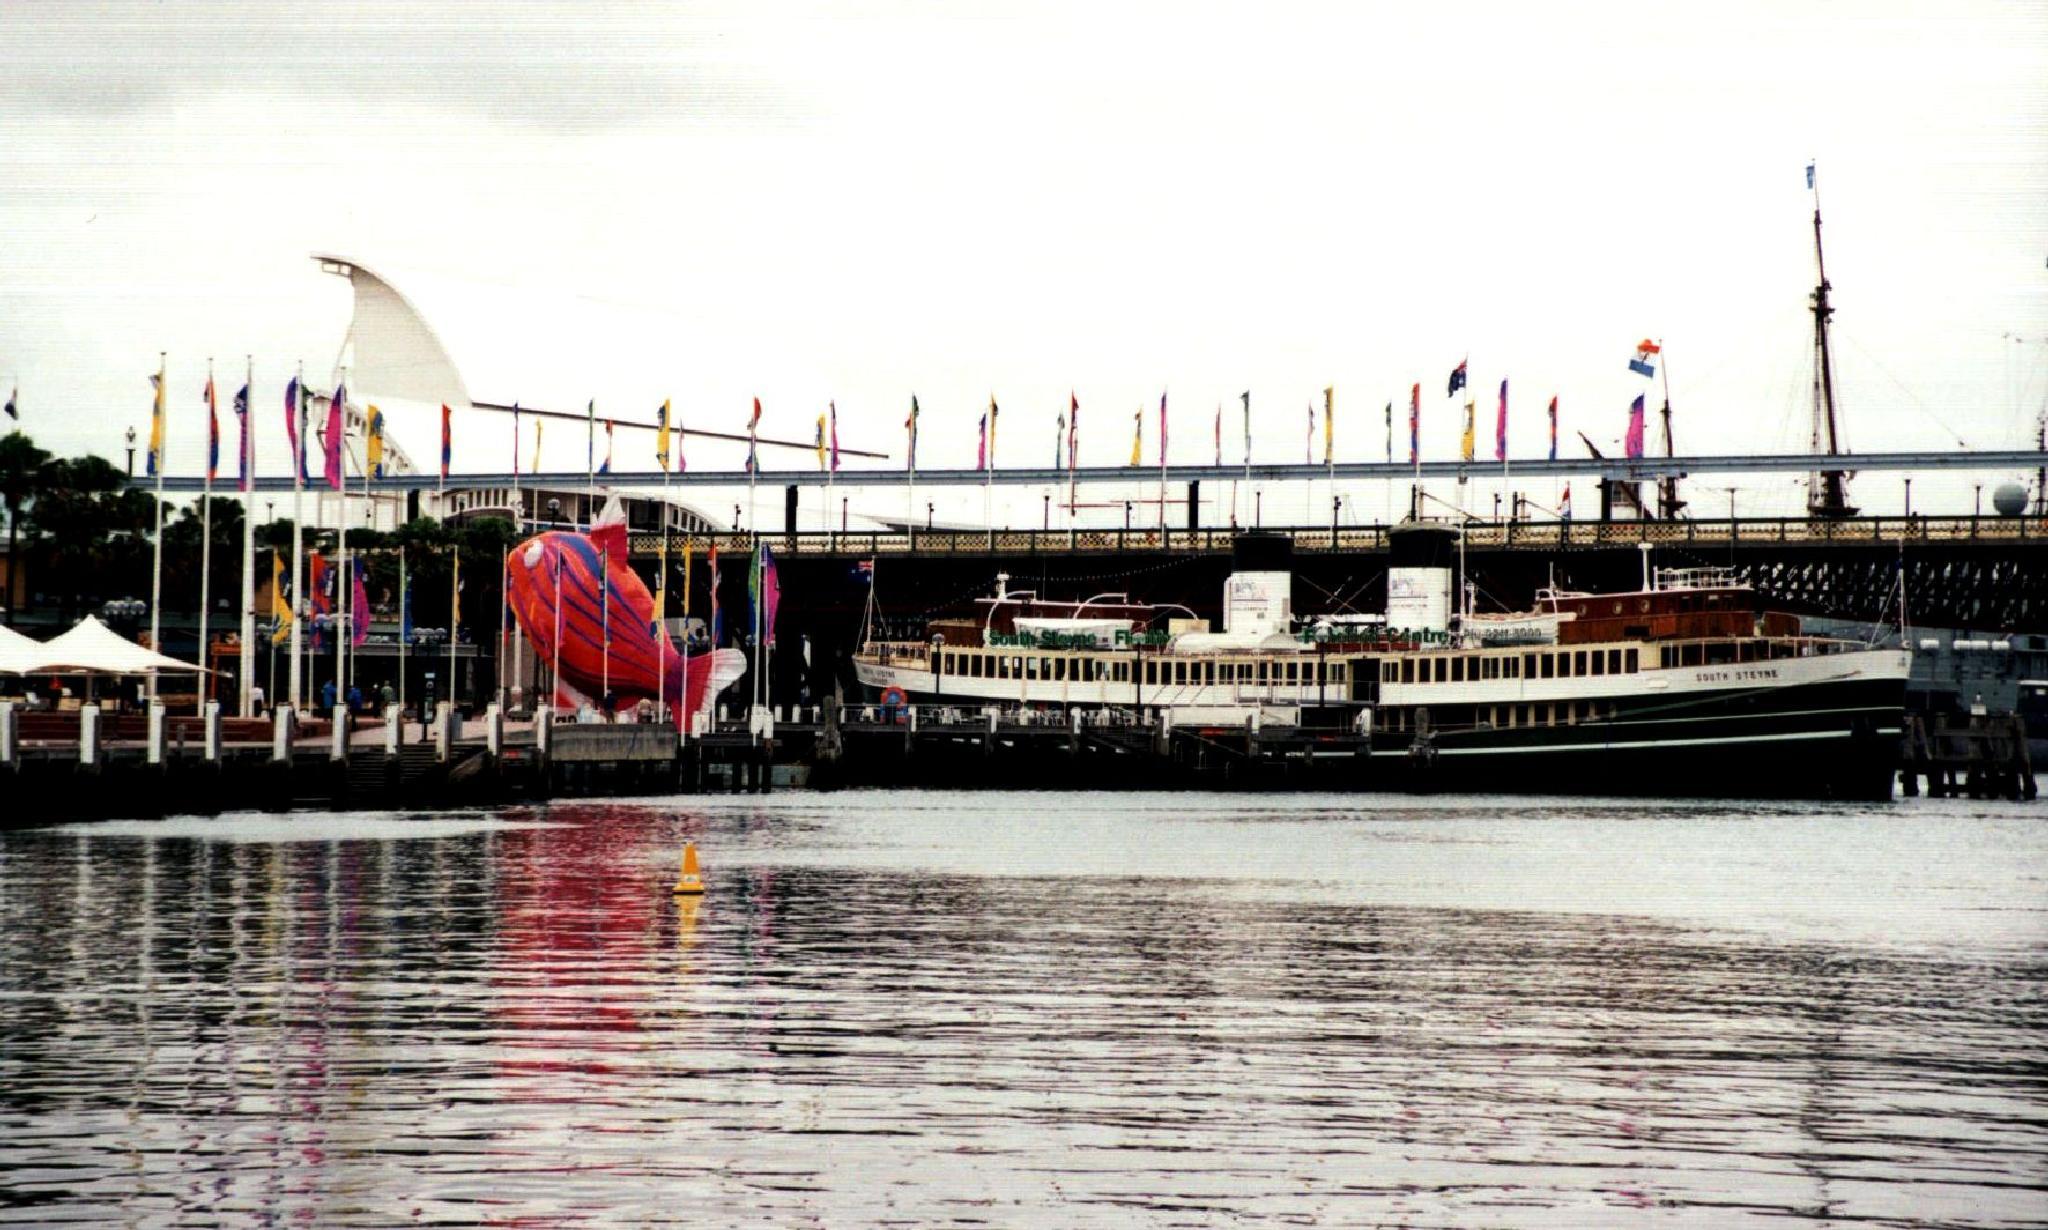 Darling Harbour Sydney by cinzia.sawatzky